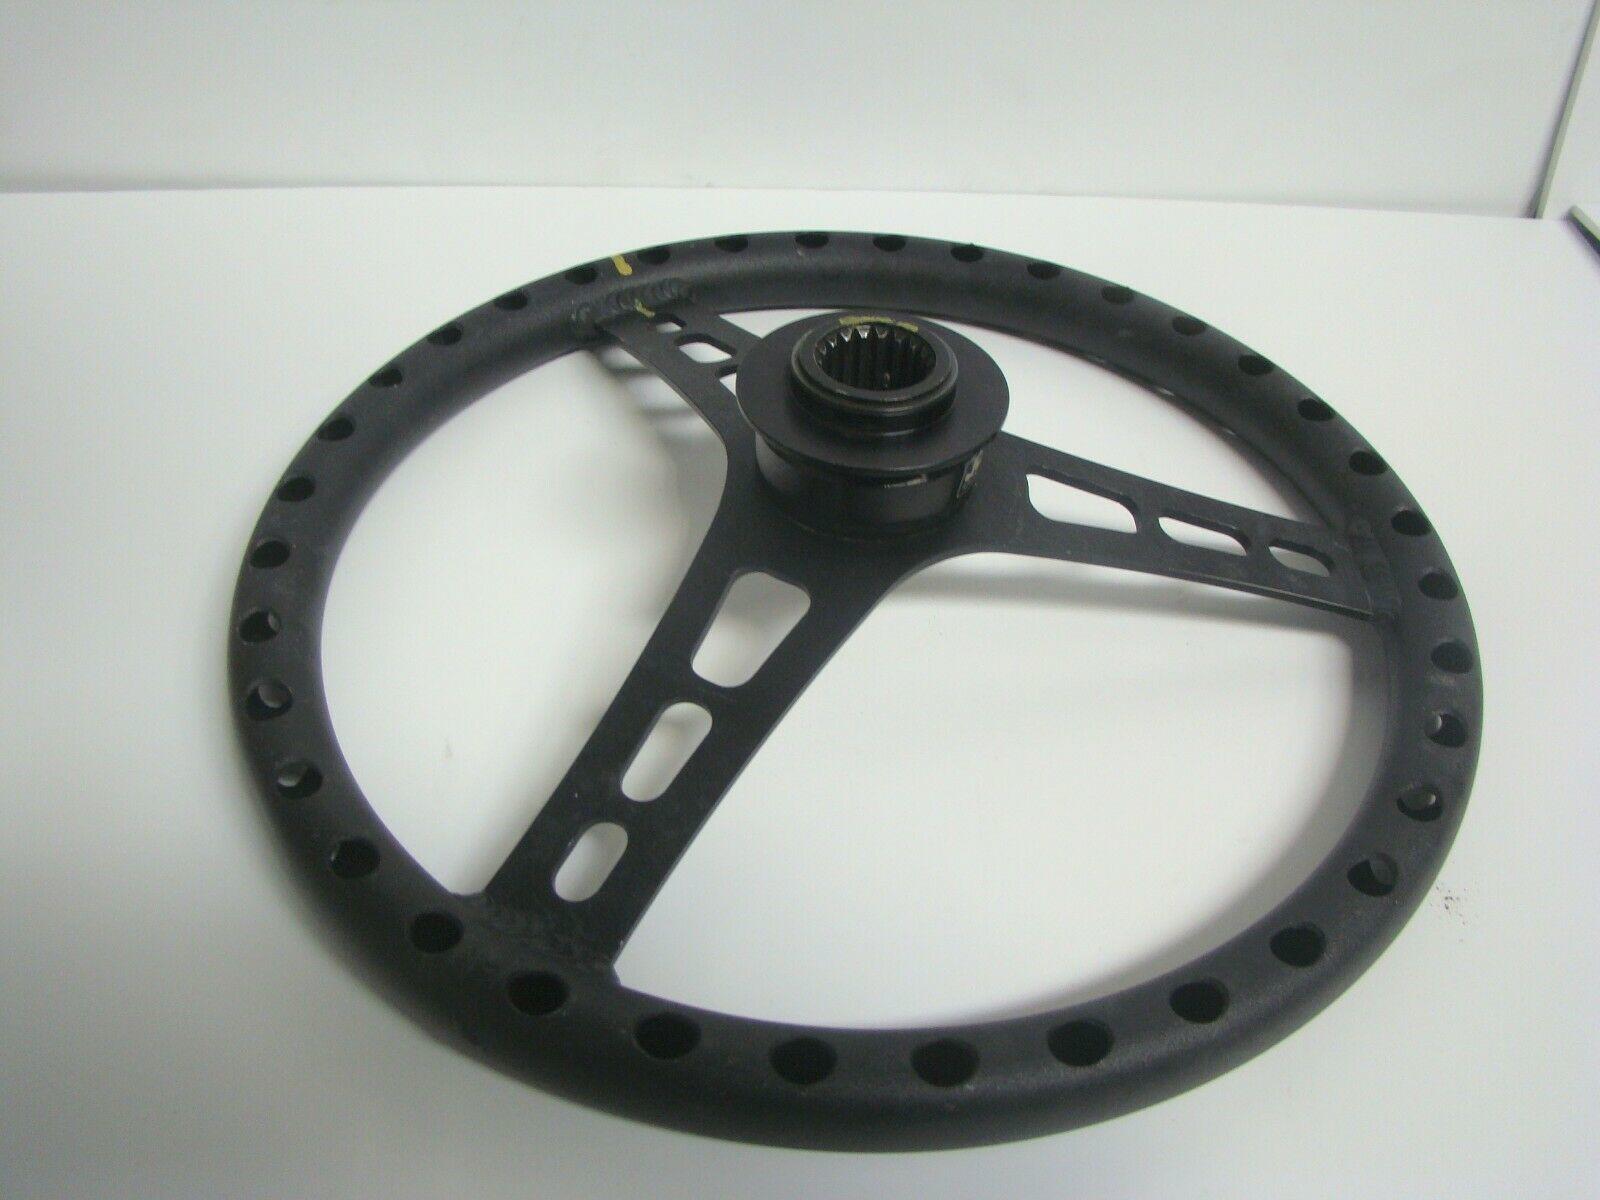 APA//URO Parts Brake Pad Sensor Rear Passenger Right Side New 34 35 6 792 564